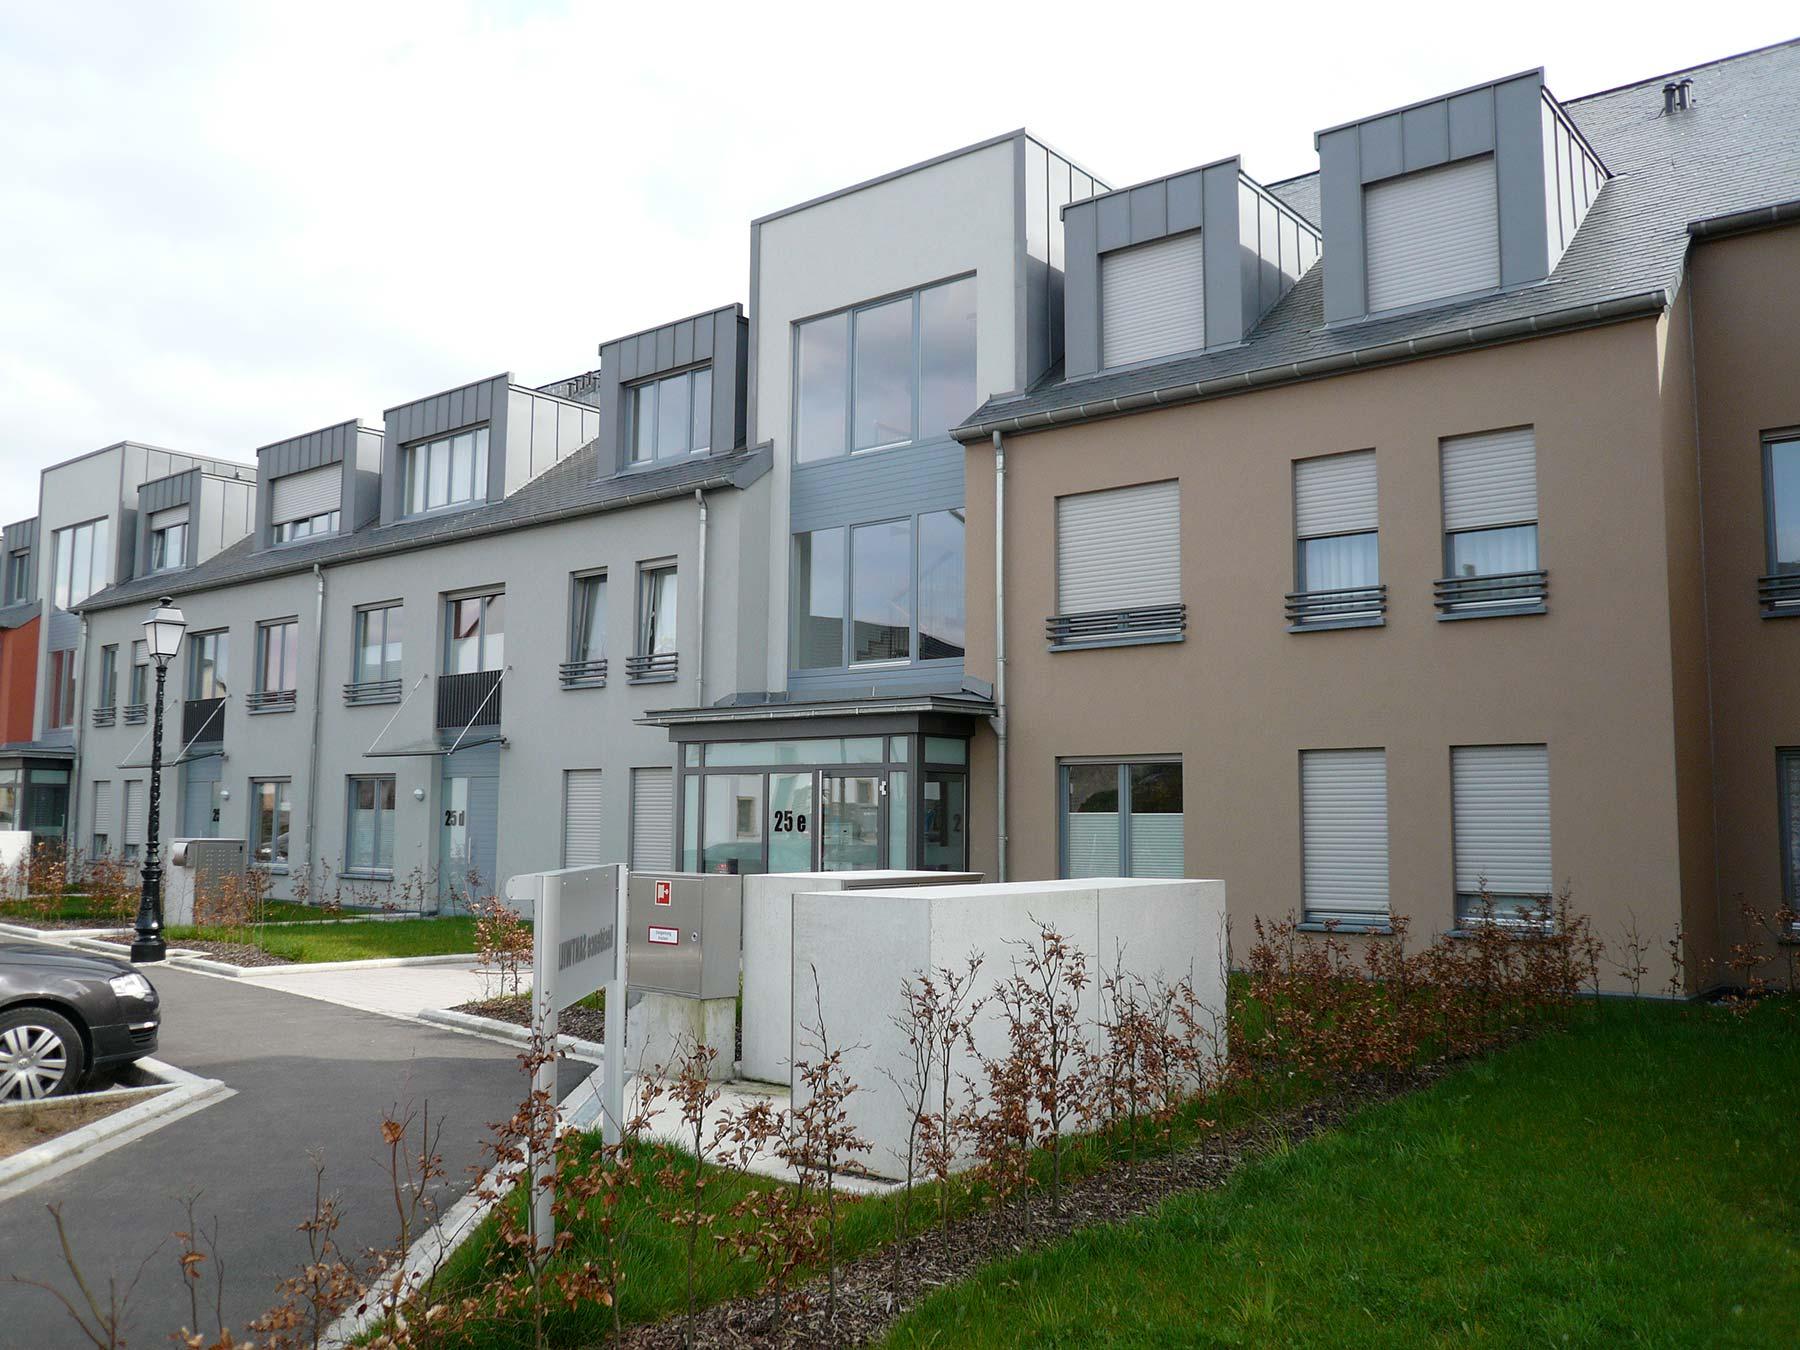 16-Construction-dun-complexe-residentiel-a-Sandweiler